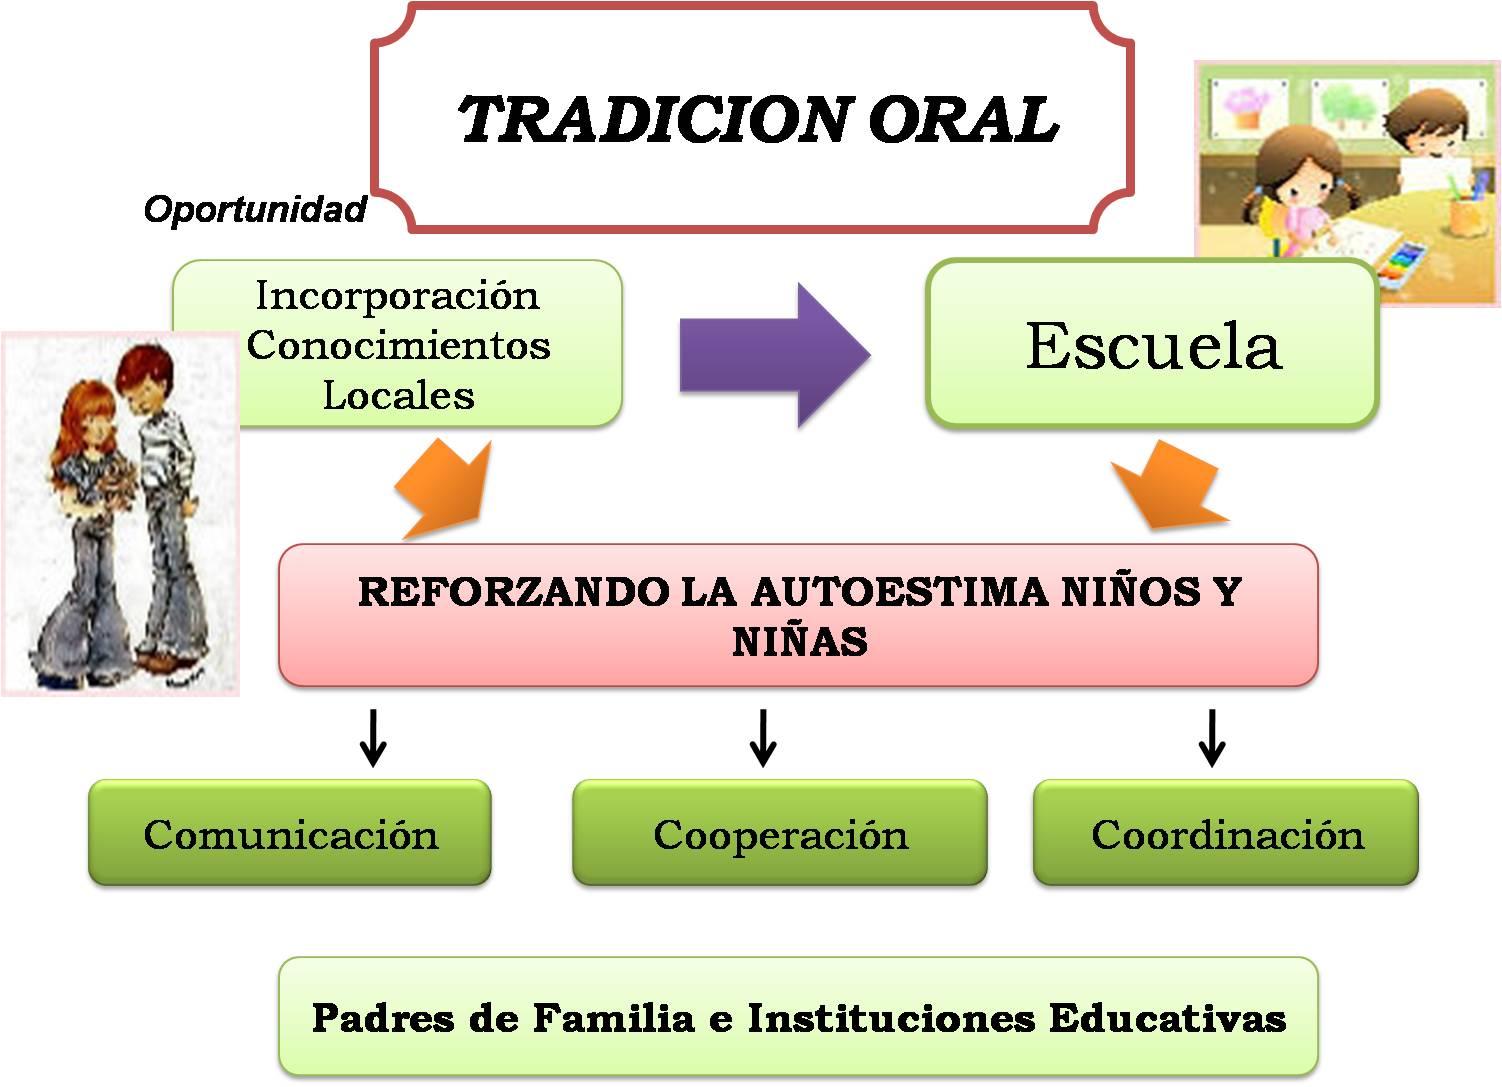 literatura tradicion oral: